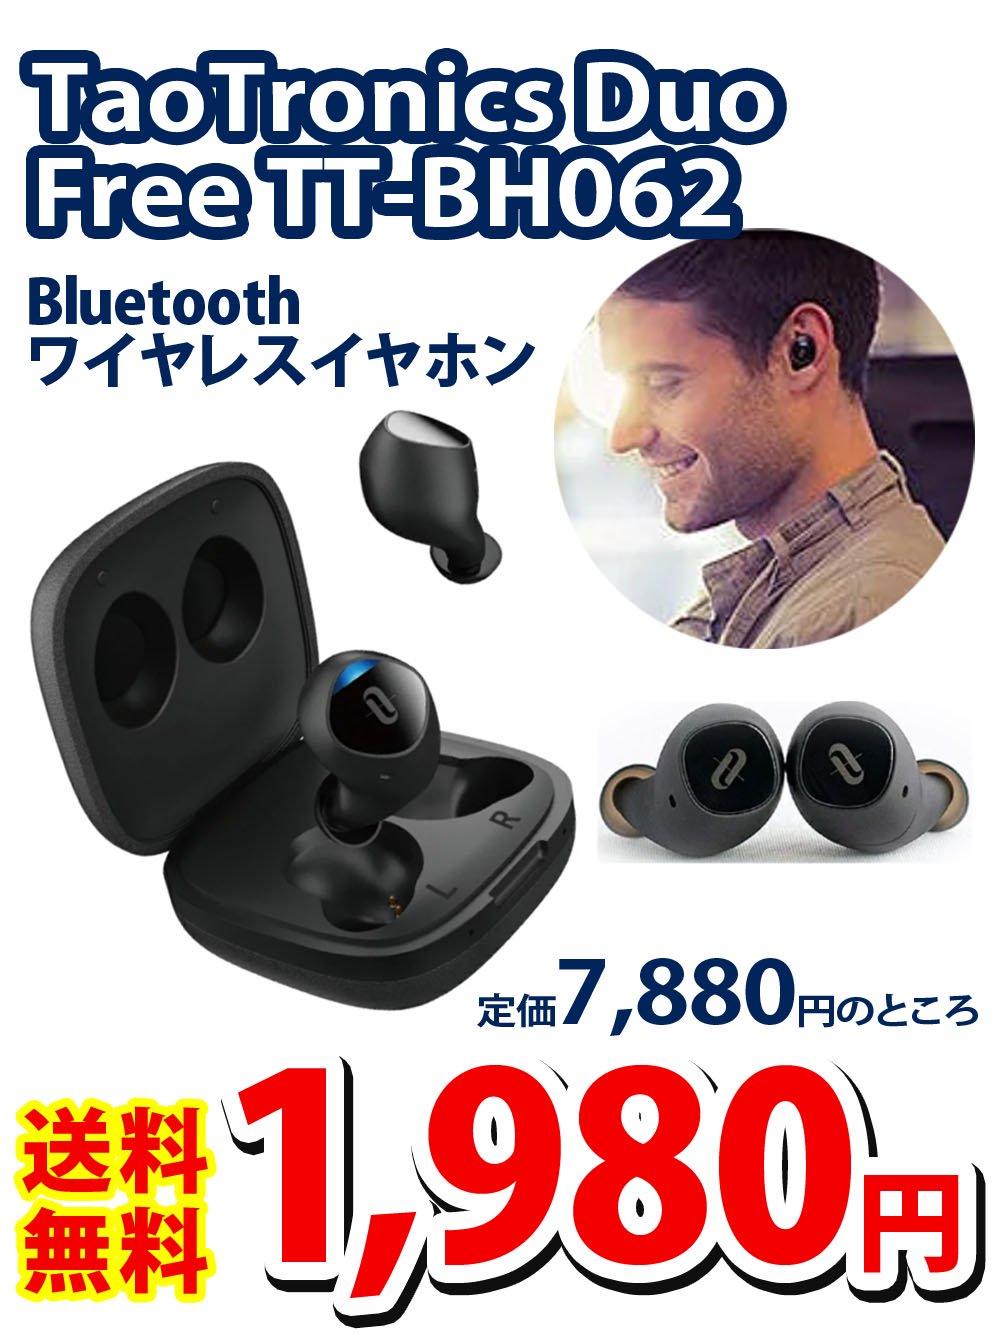 【送料無料】TT-BH062 Bluetooth ワイヤレスイヤフォン【1980円】定価7,880